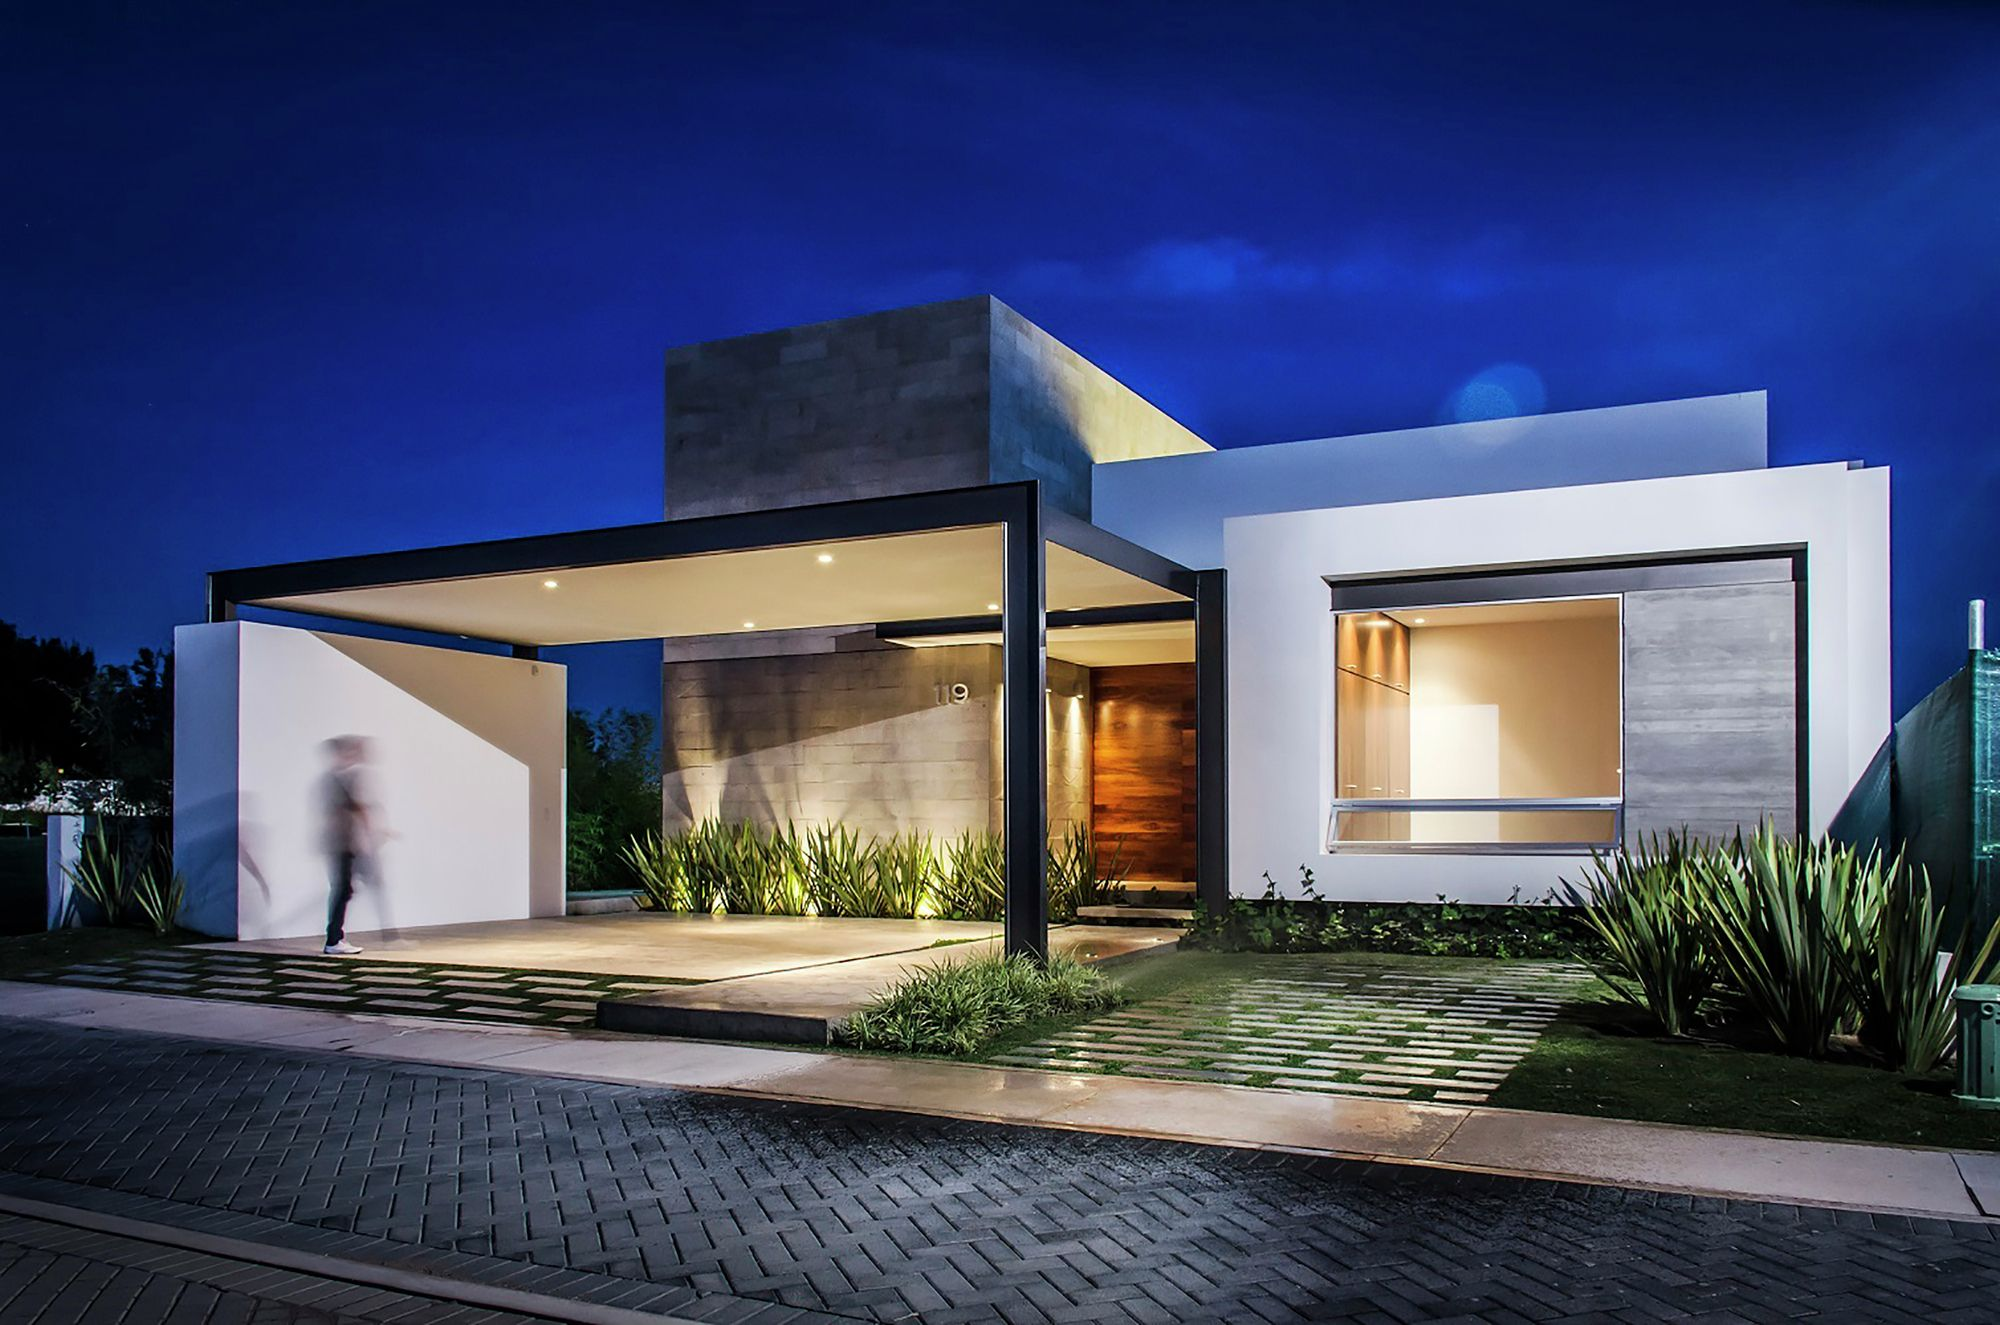 Dise o de casa moderna de un piso con tres dormitorios for Casas modernas fachadas de un piso